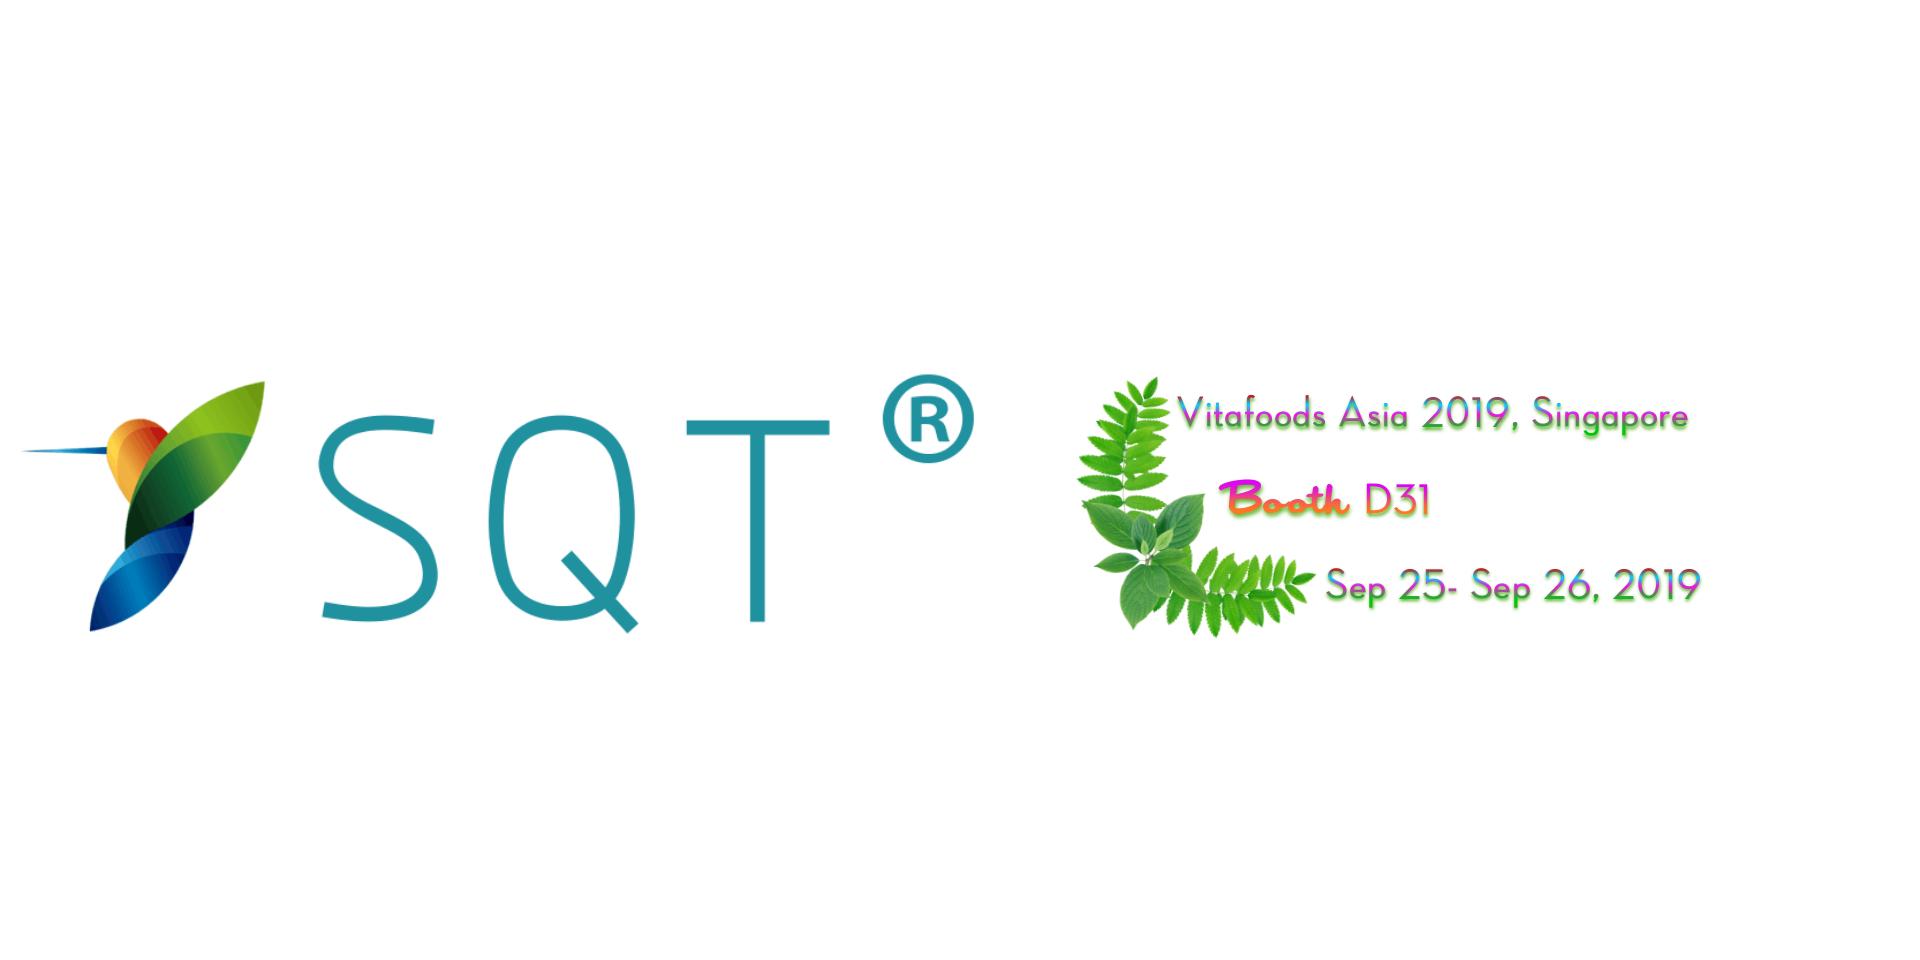 Vitafoods, Asia, Exhibition, sqt, sunshine, bio-tch